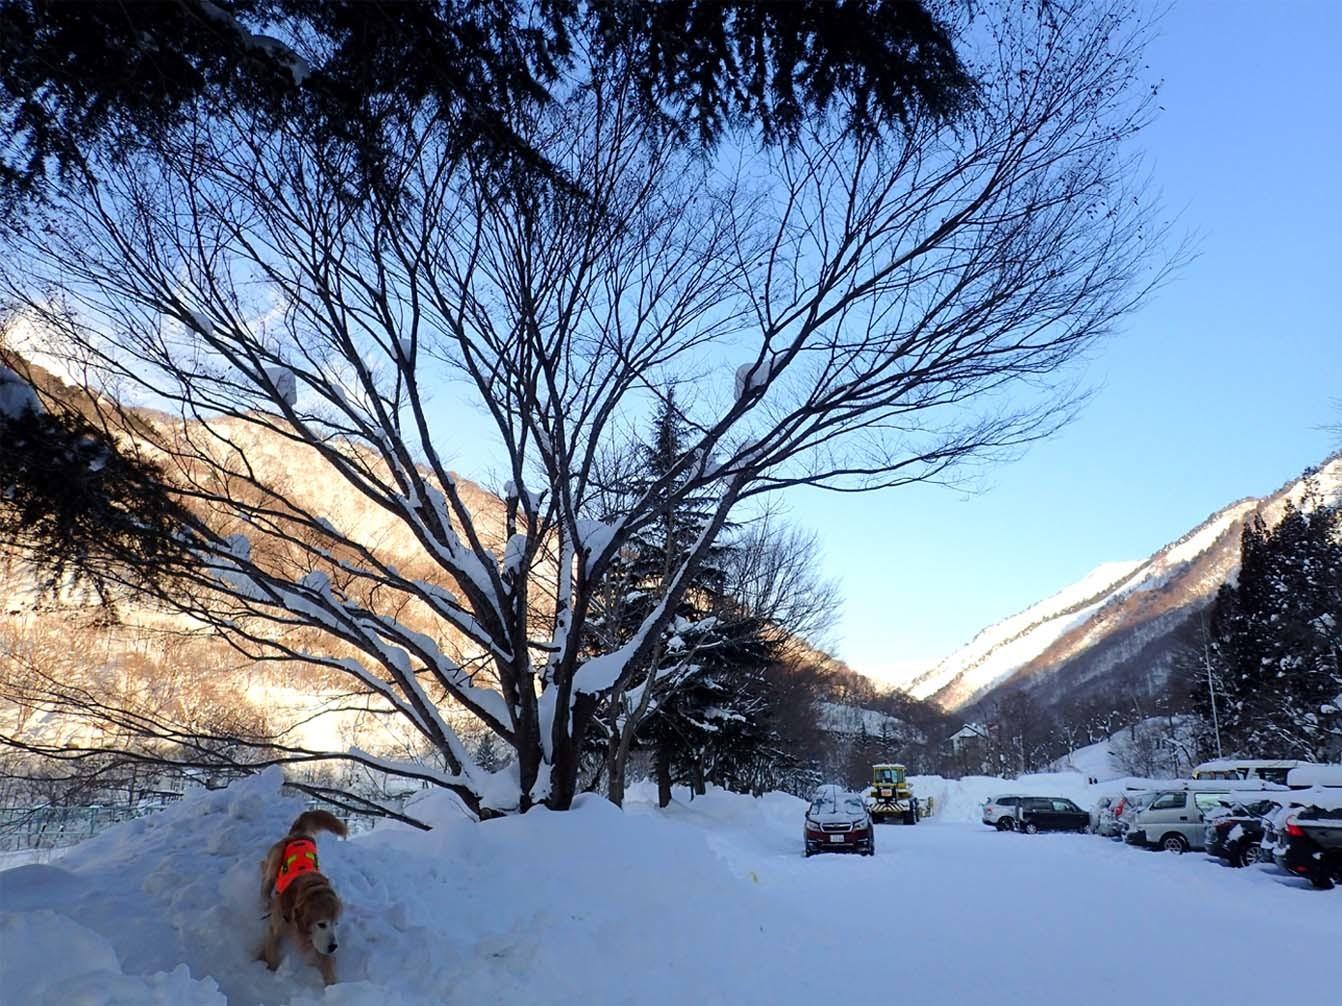 関東ブロック雪崩 2日目(2)